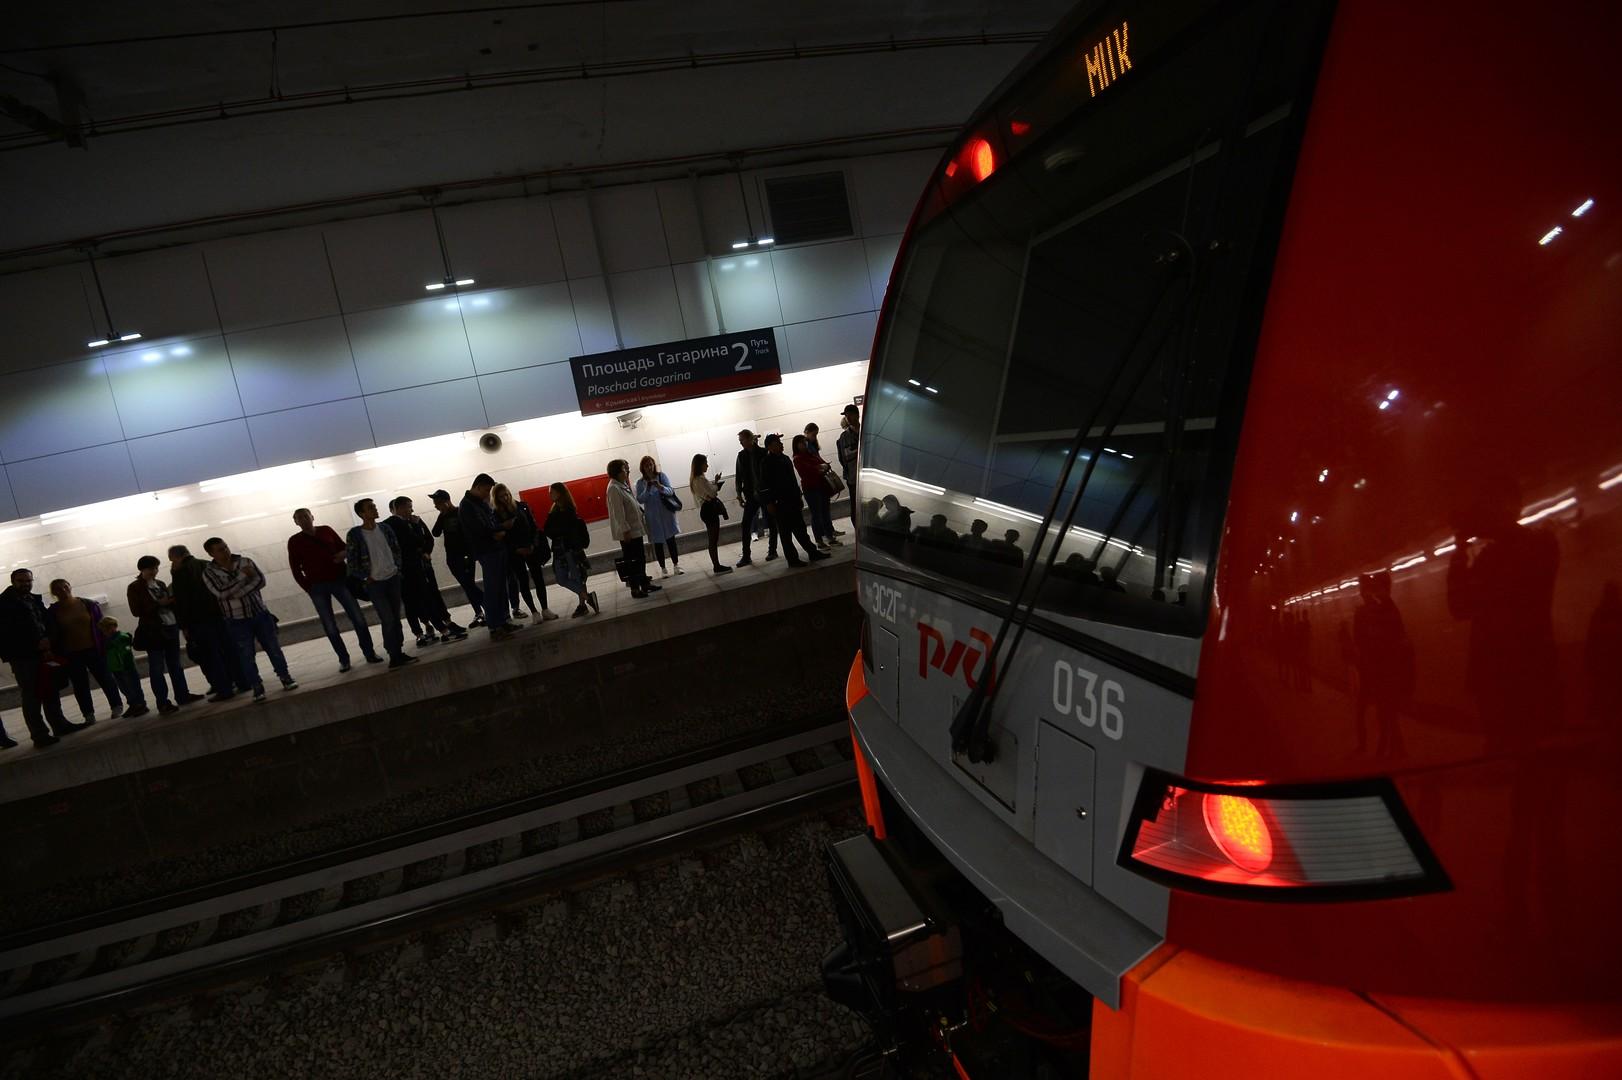 Mehr als 140.000 Moskauer haben den Kleinen Eisenbahnring schon am ersten Tag getestet.